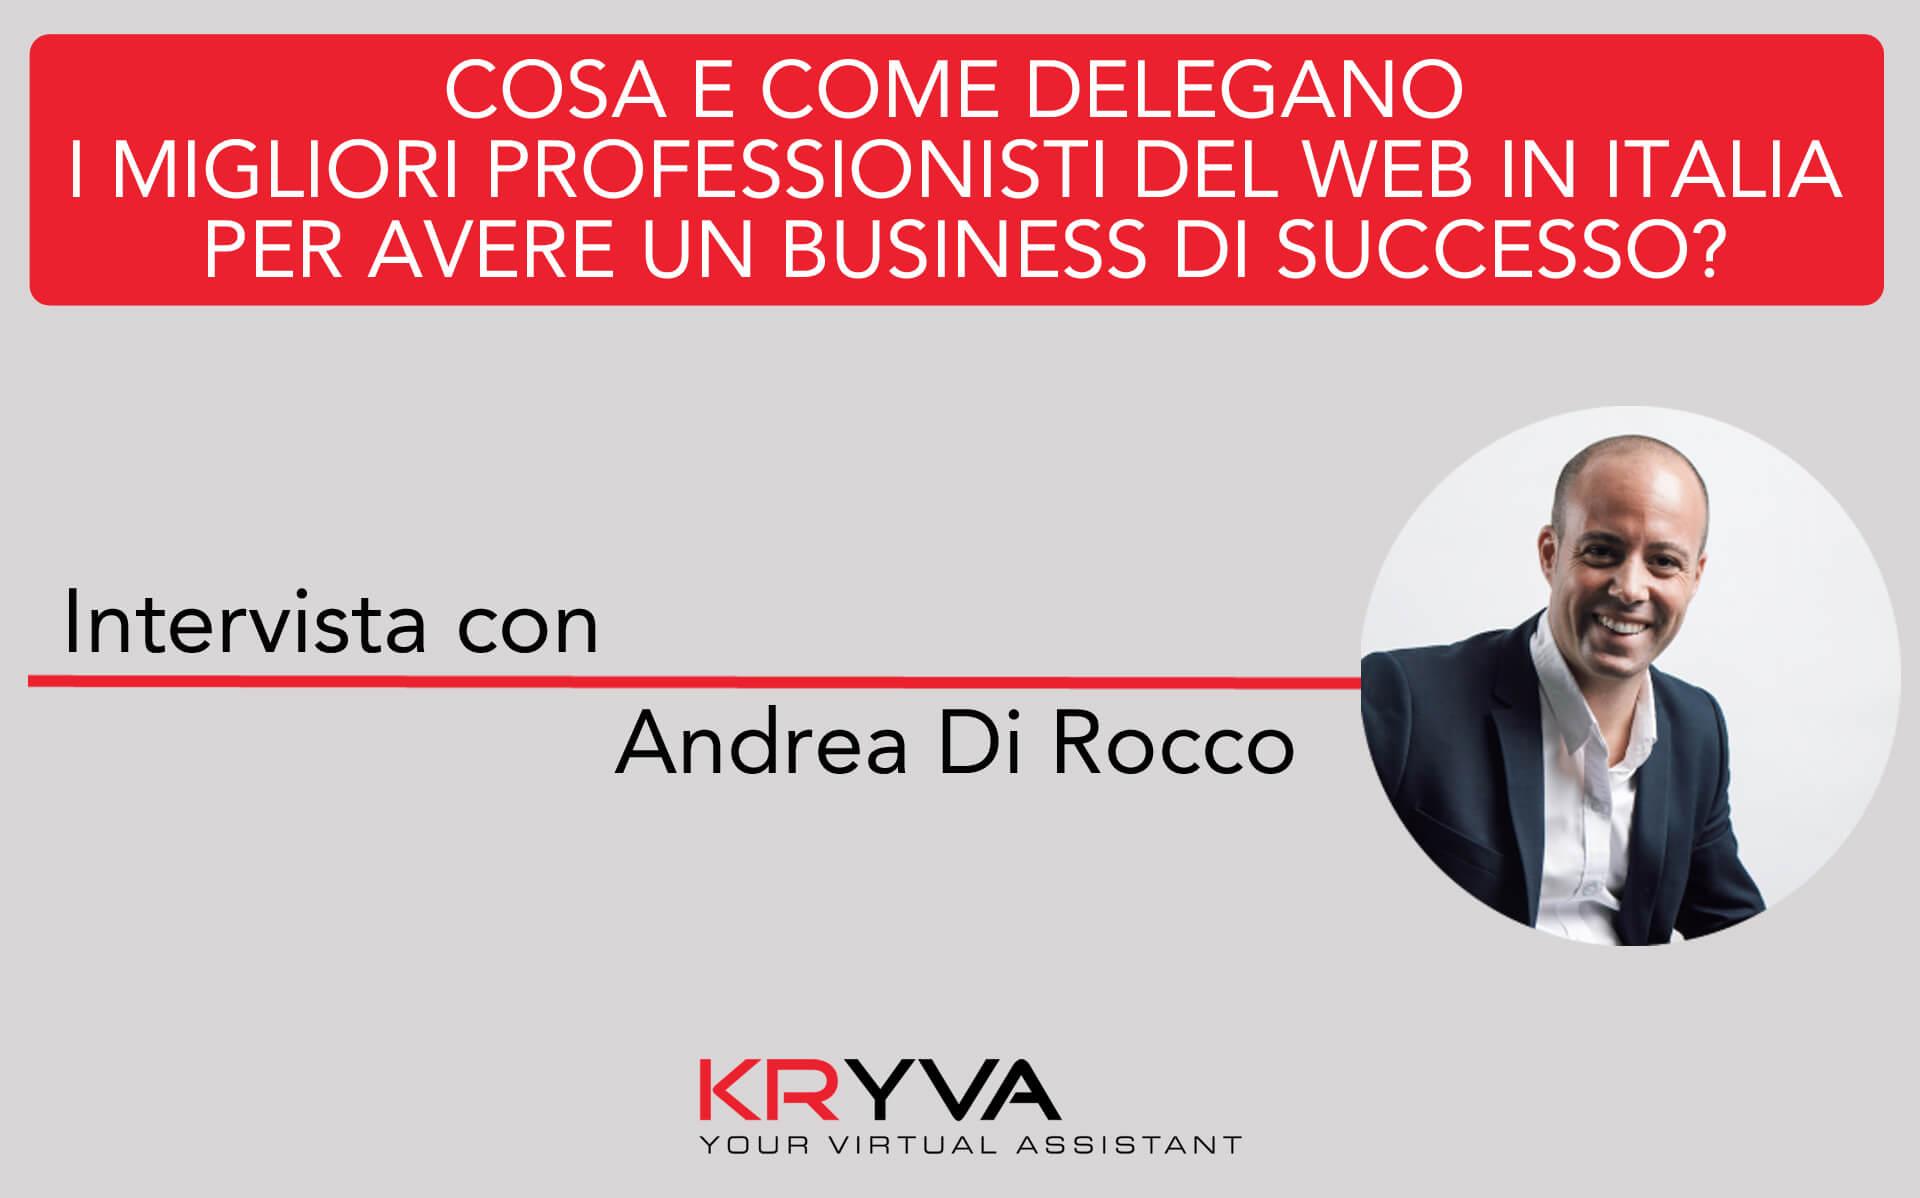 Costruire un business online di successo in meno di 3 mesi | Intervista con Andrea di Rocco